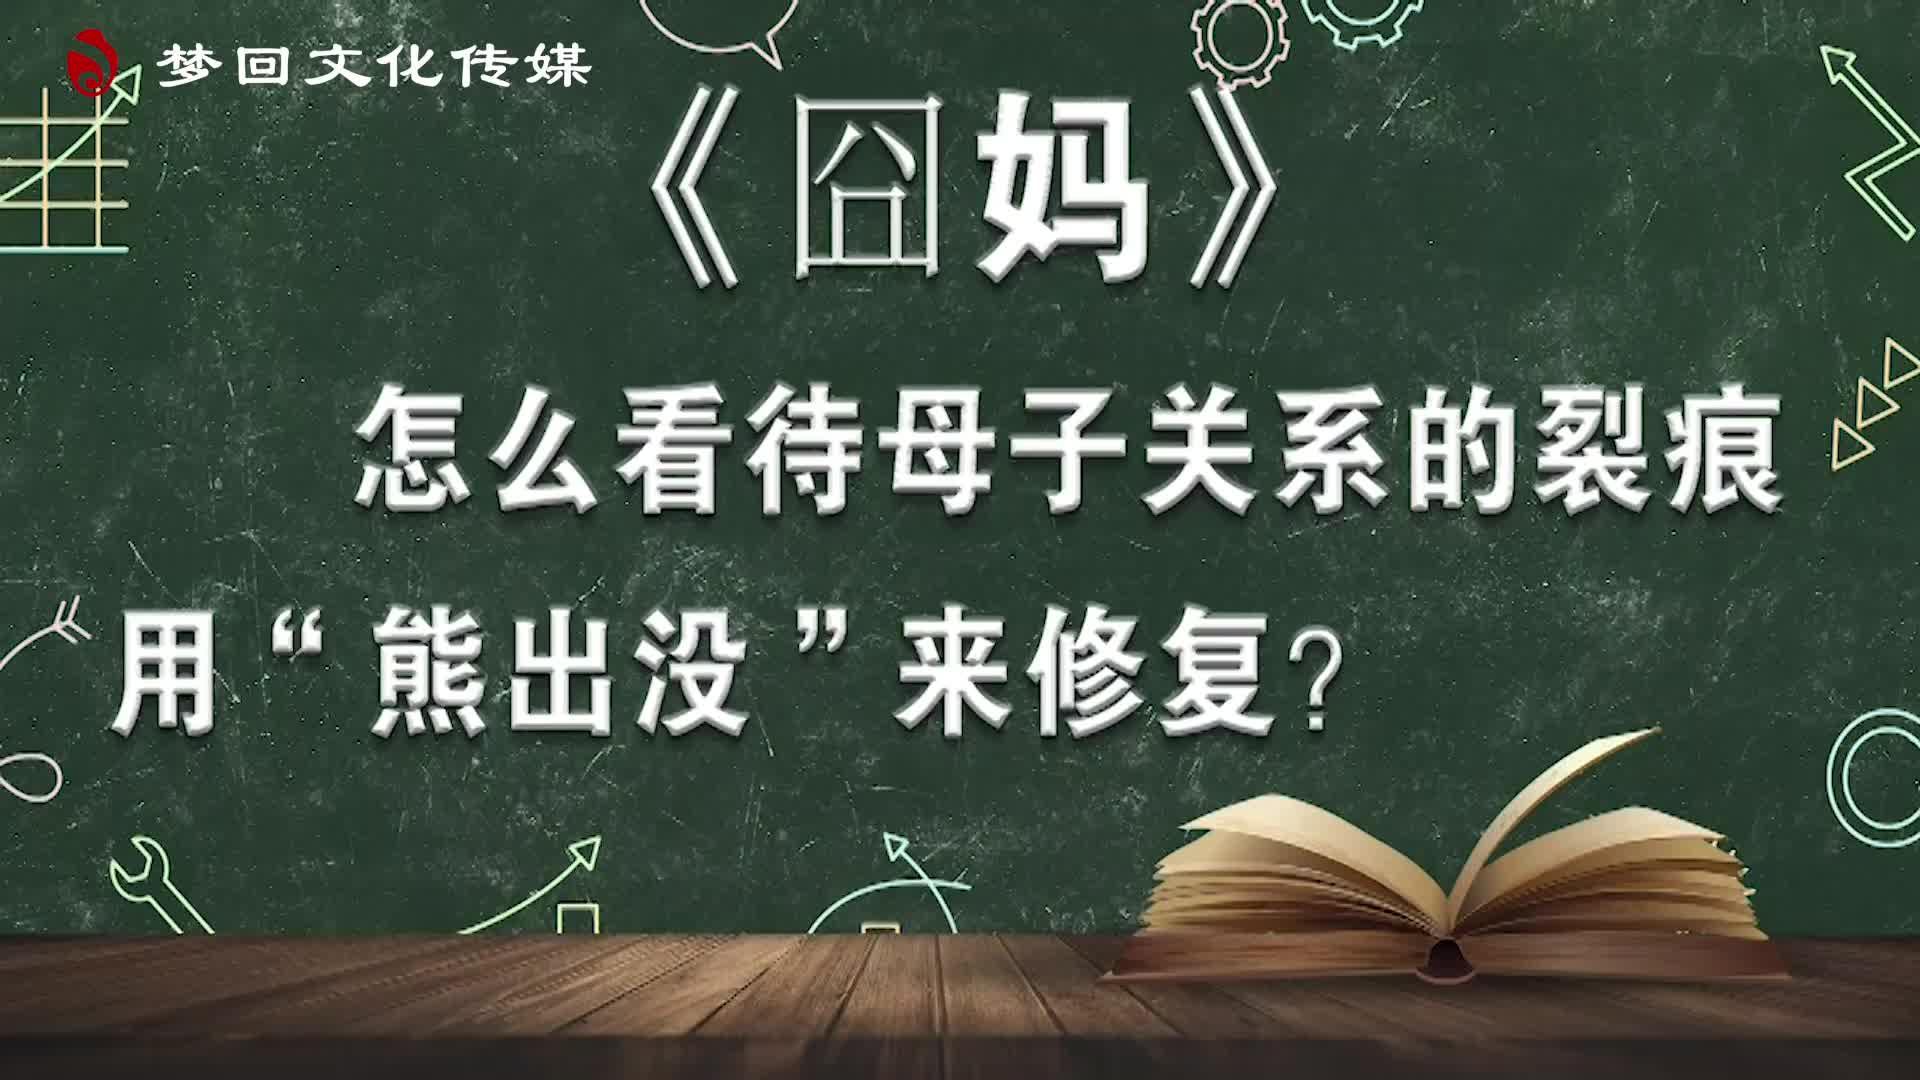 【赵老师的电影课】囧妈(一)